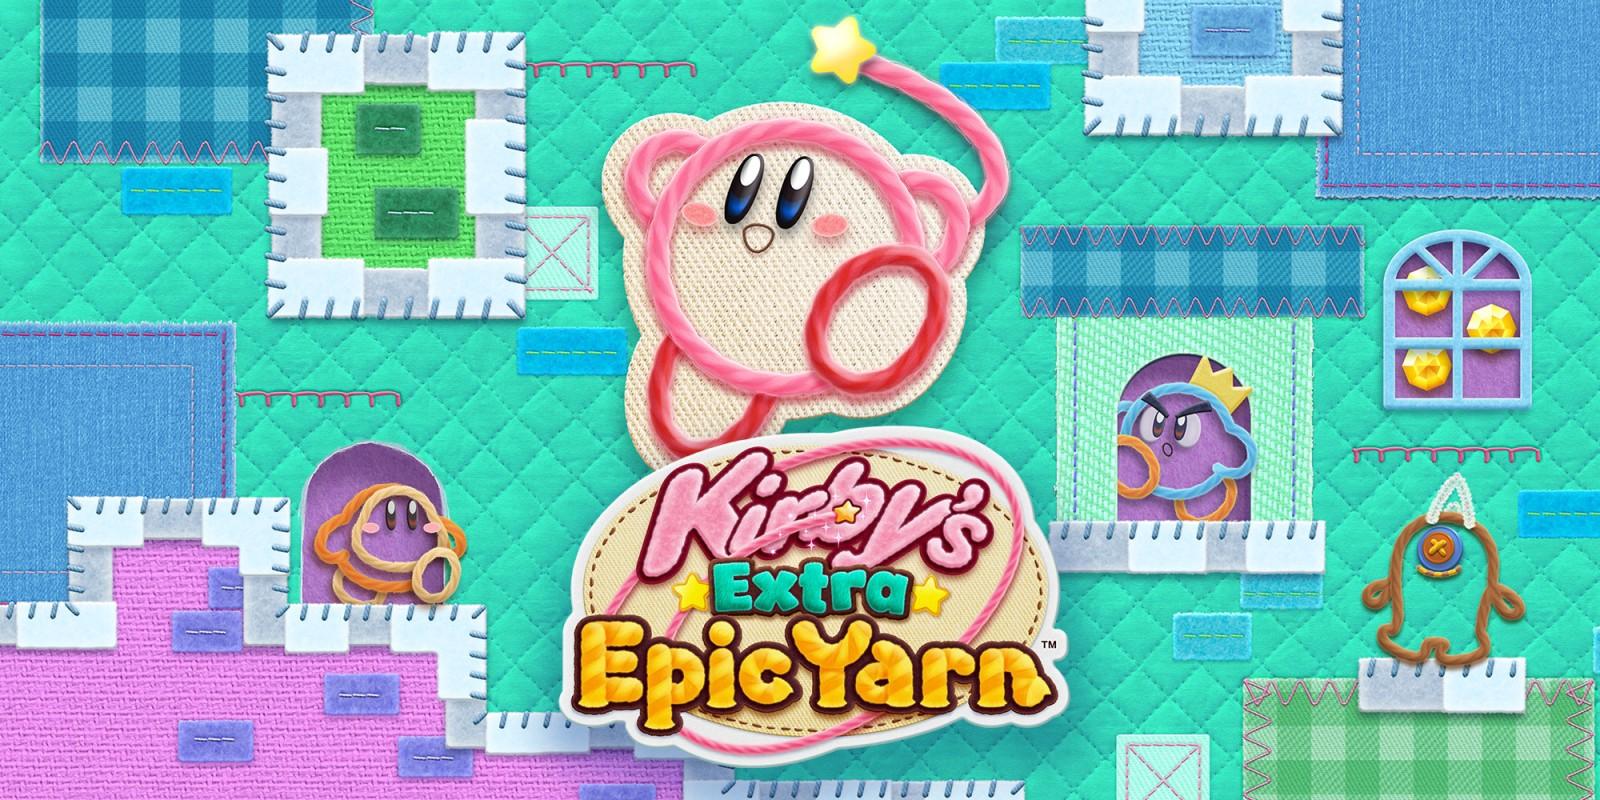 [Switch/3DS] Jogos em formato físico da semana – R.B.I. Baseball 19, Kirby's Extra Epic Yarn